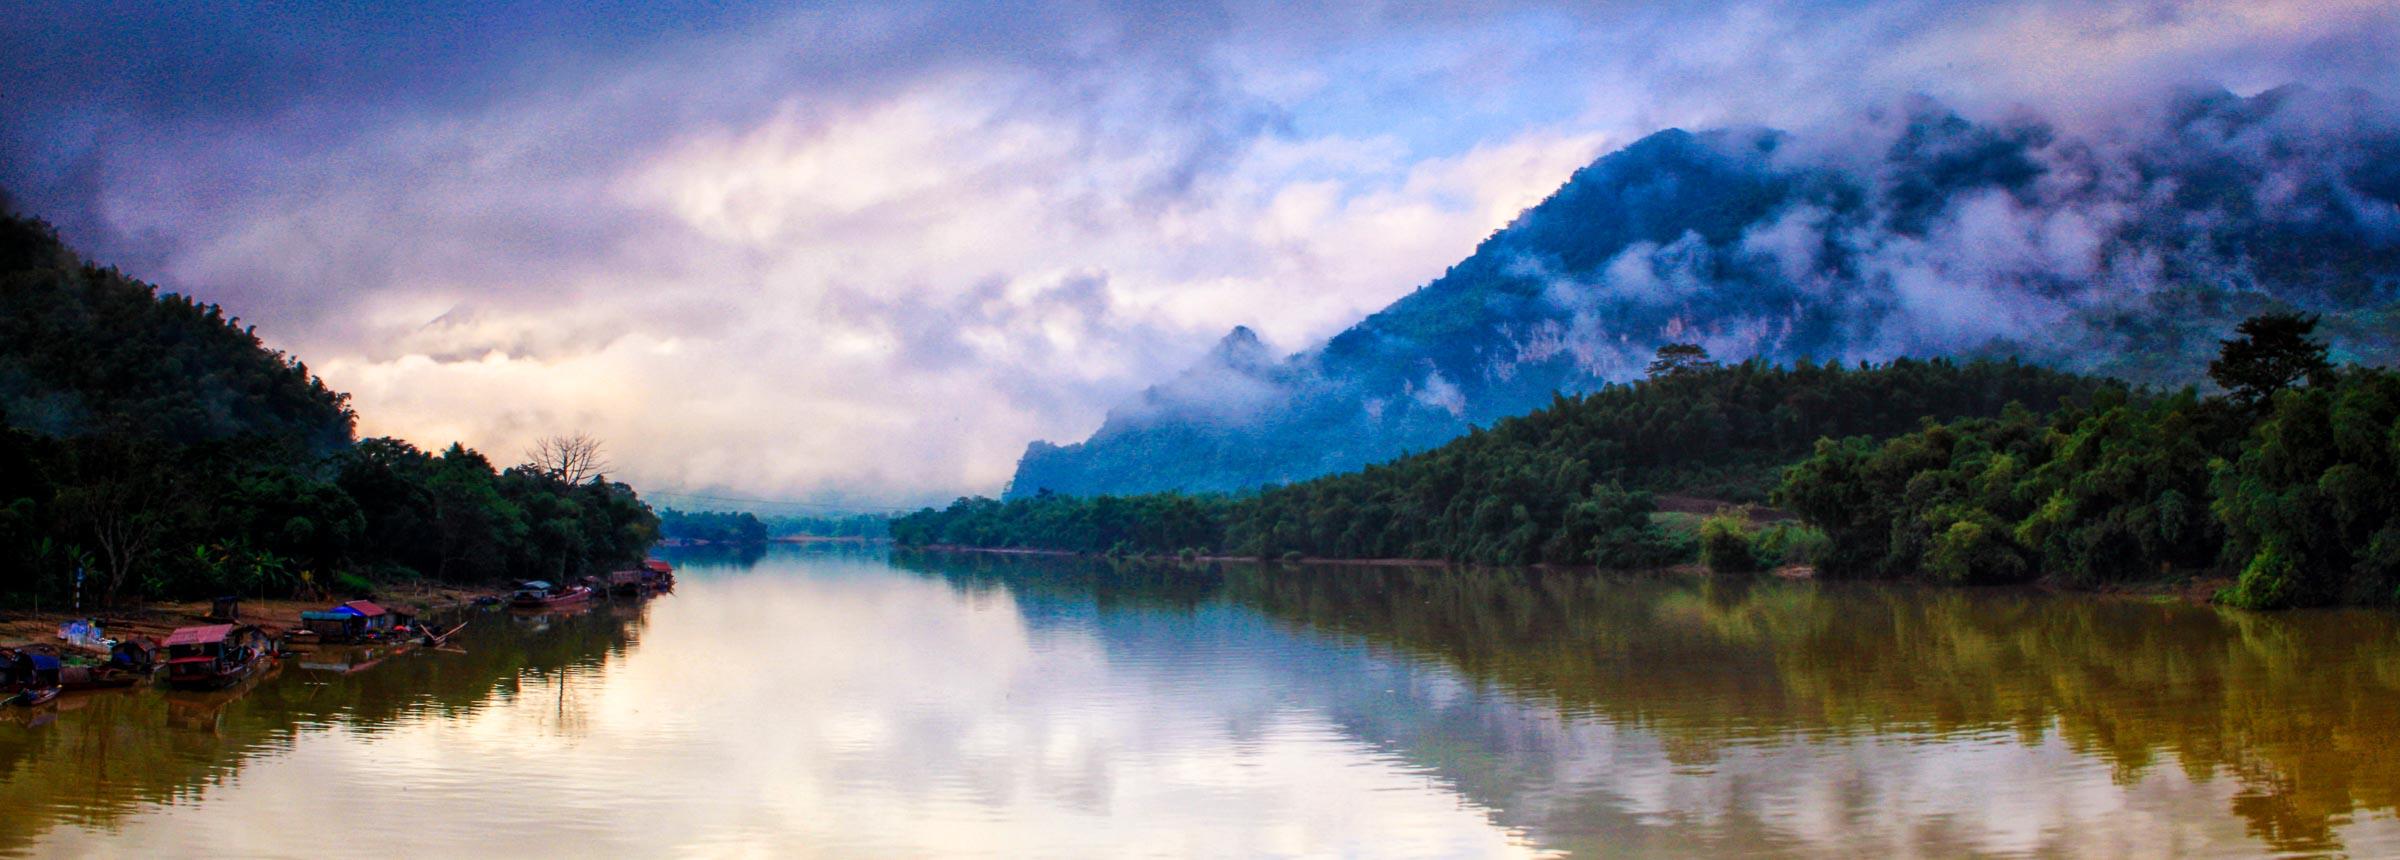 Landscape, Vietnam